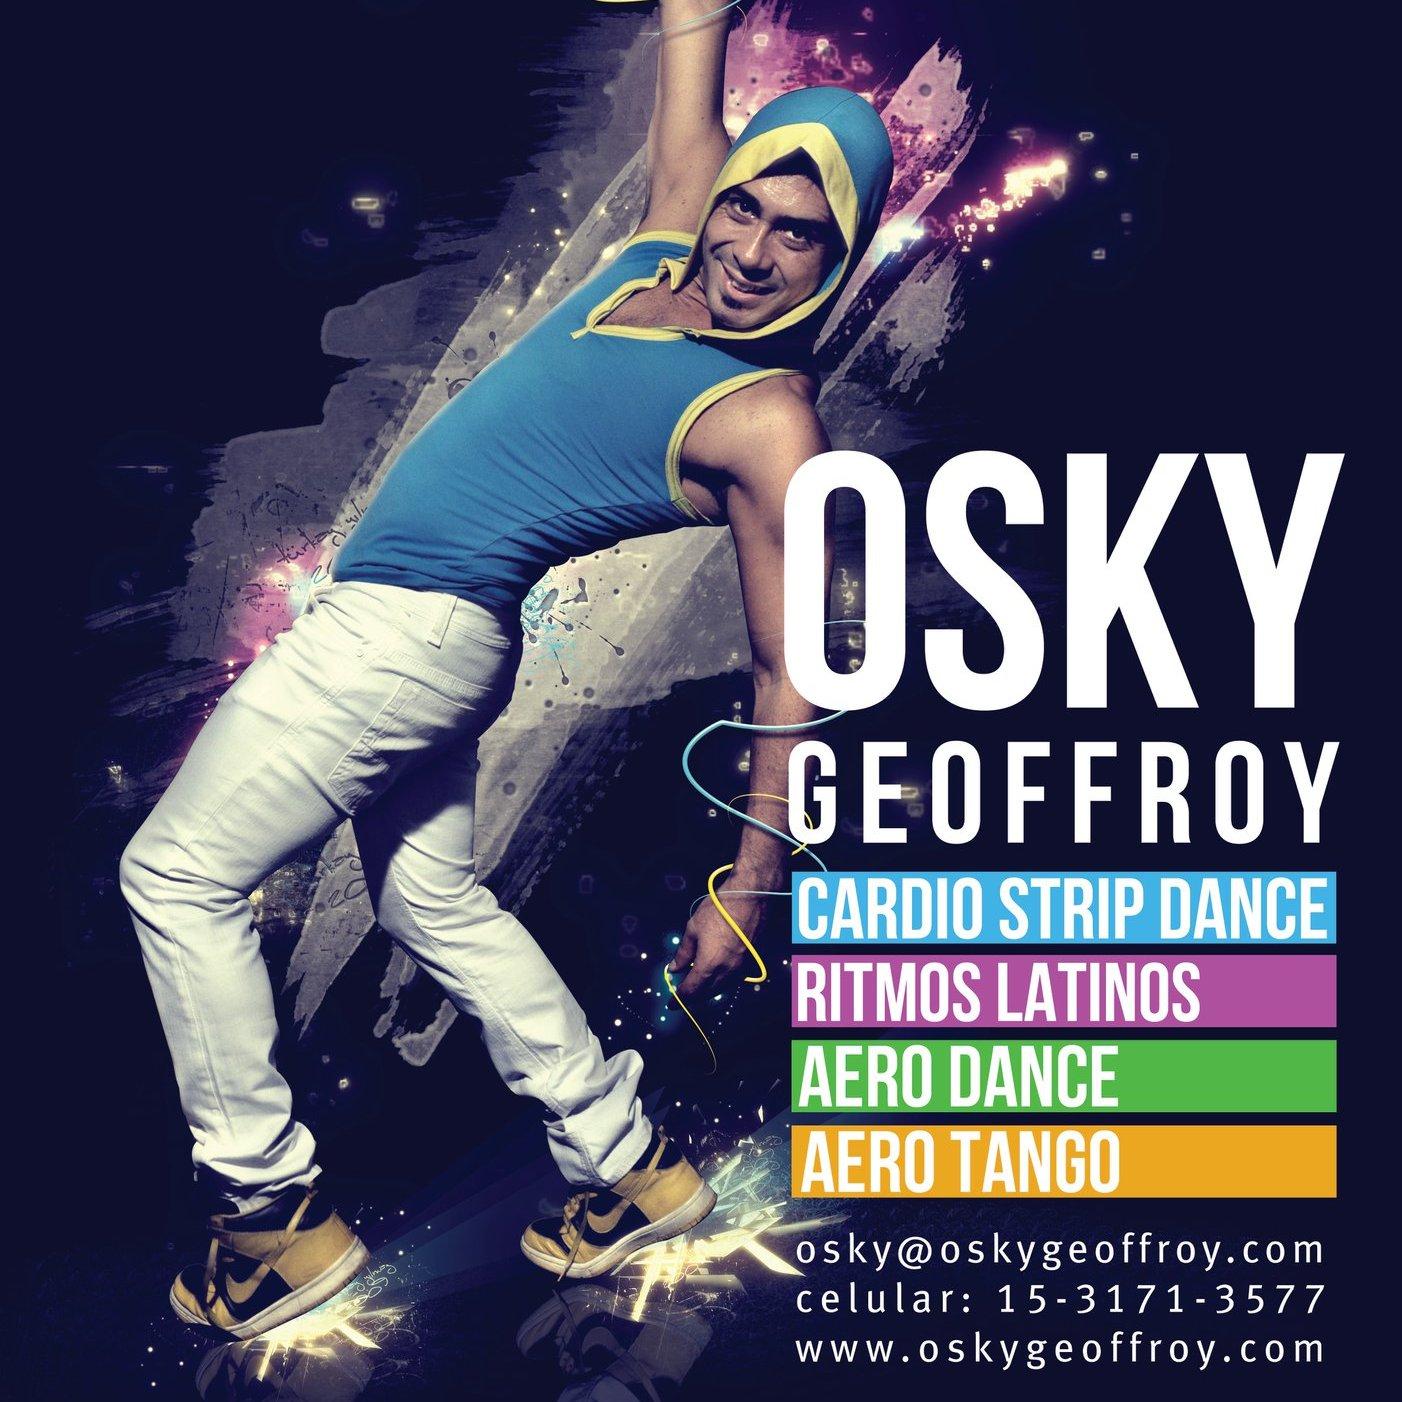 osky geoffroy